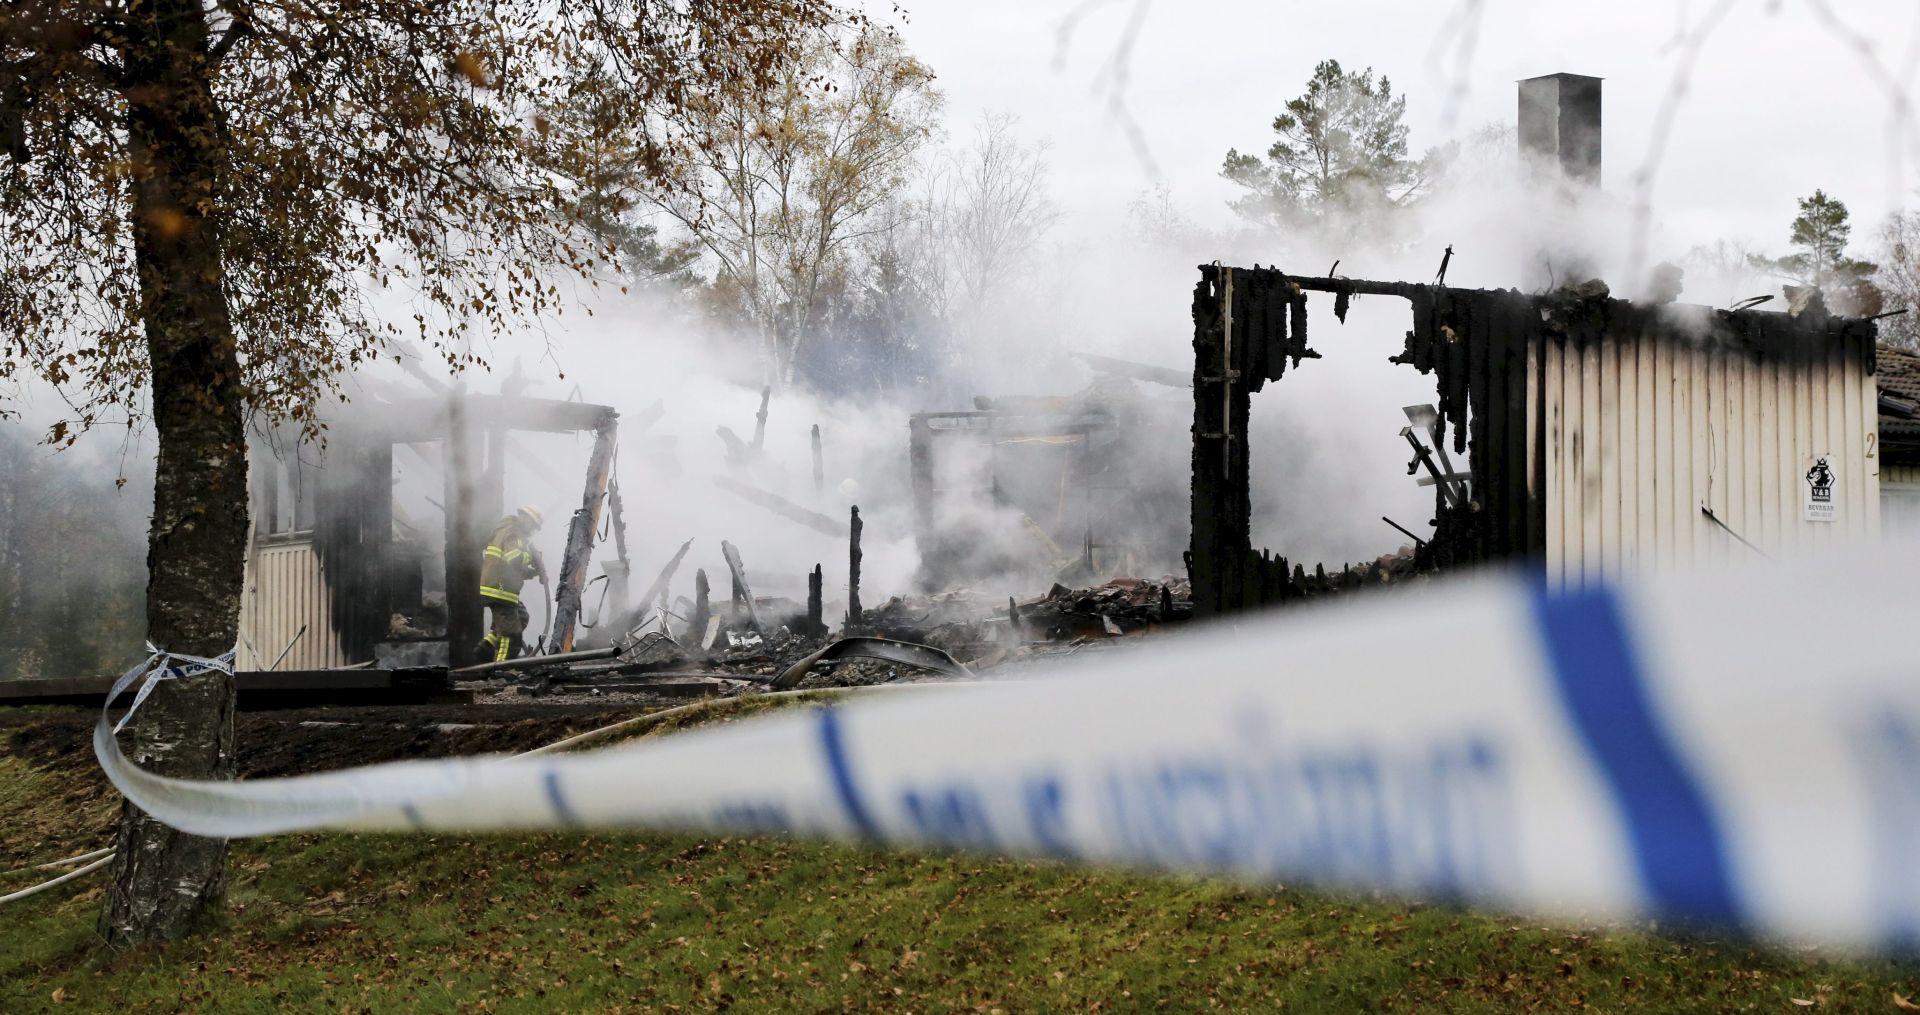 Švedska: U požaru oštećena zgrada za smještaj izbjeglica